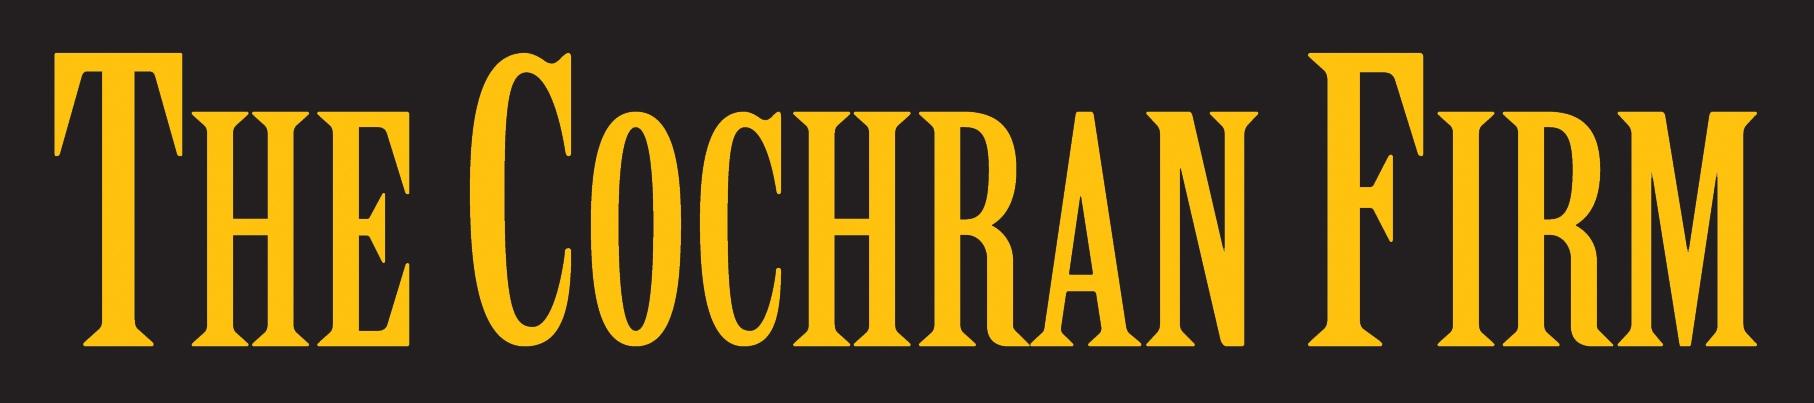 the Cochran Firm logo Black backgroun